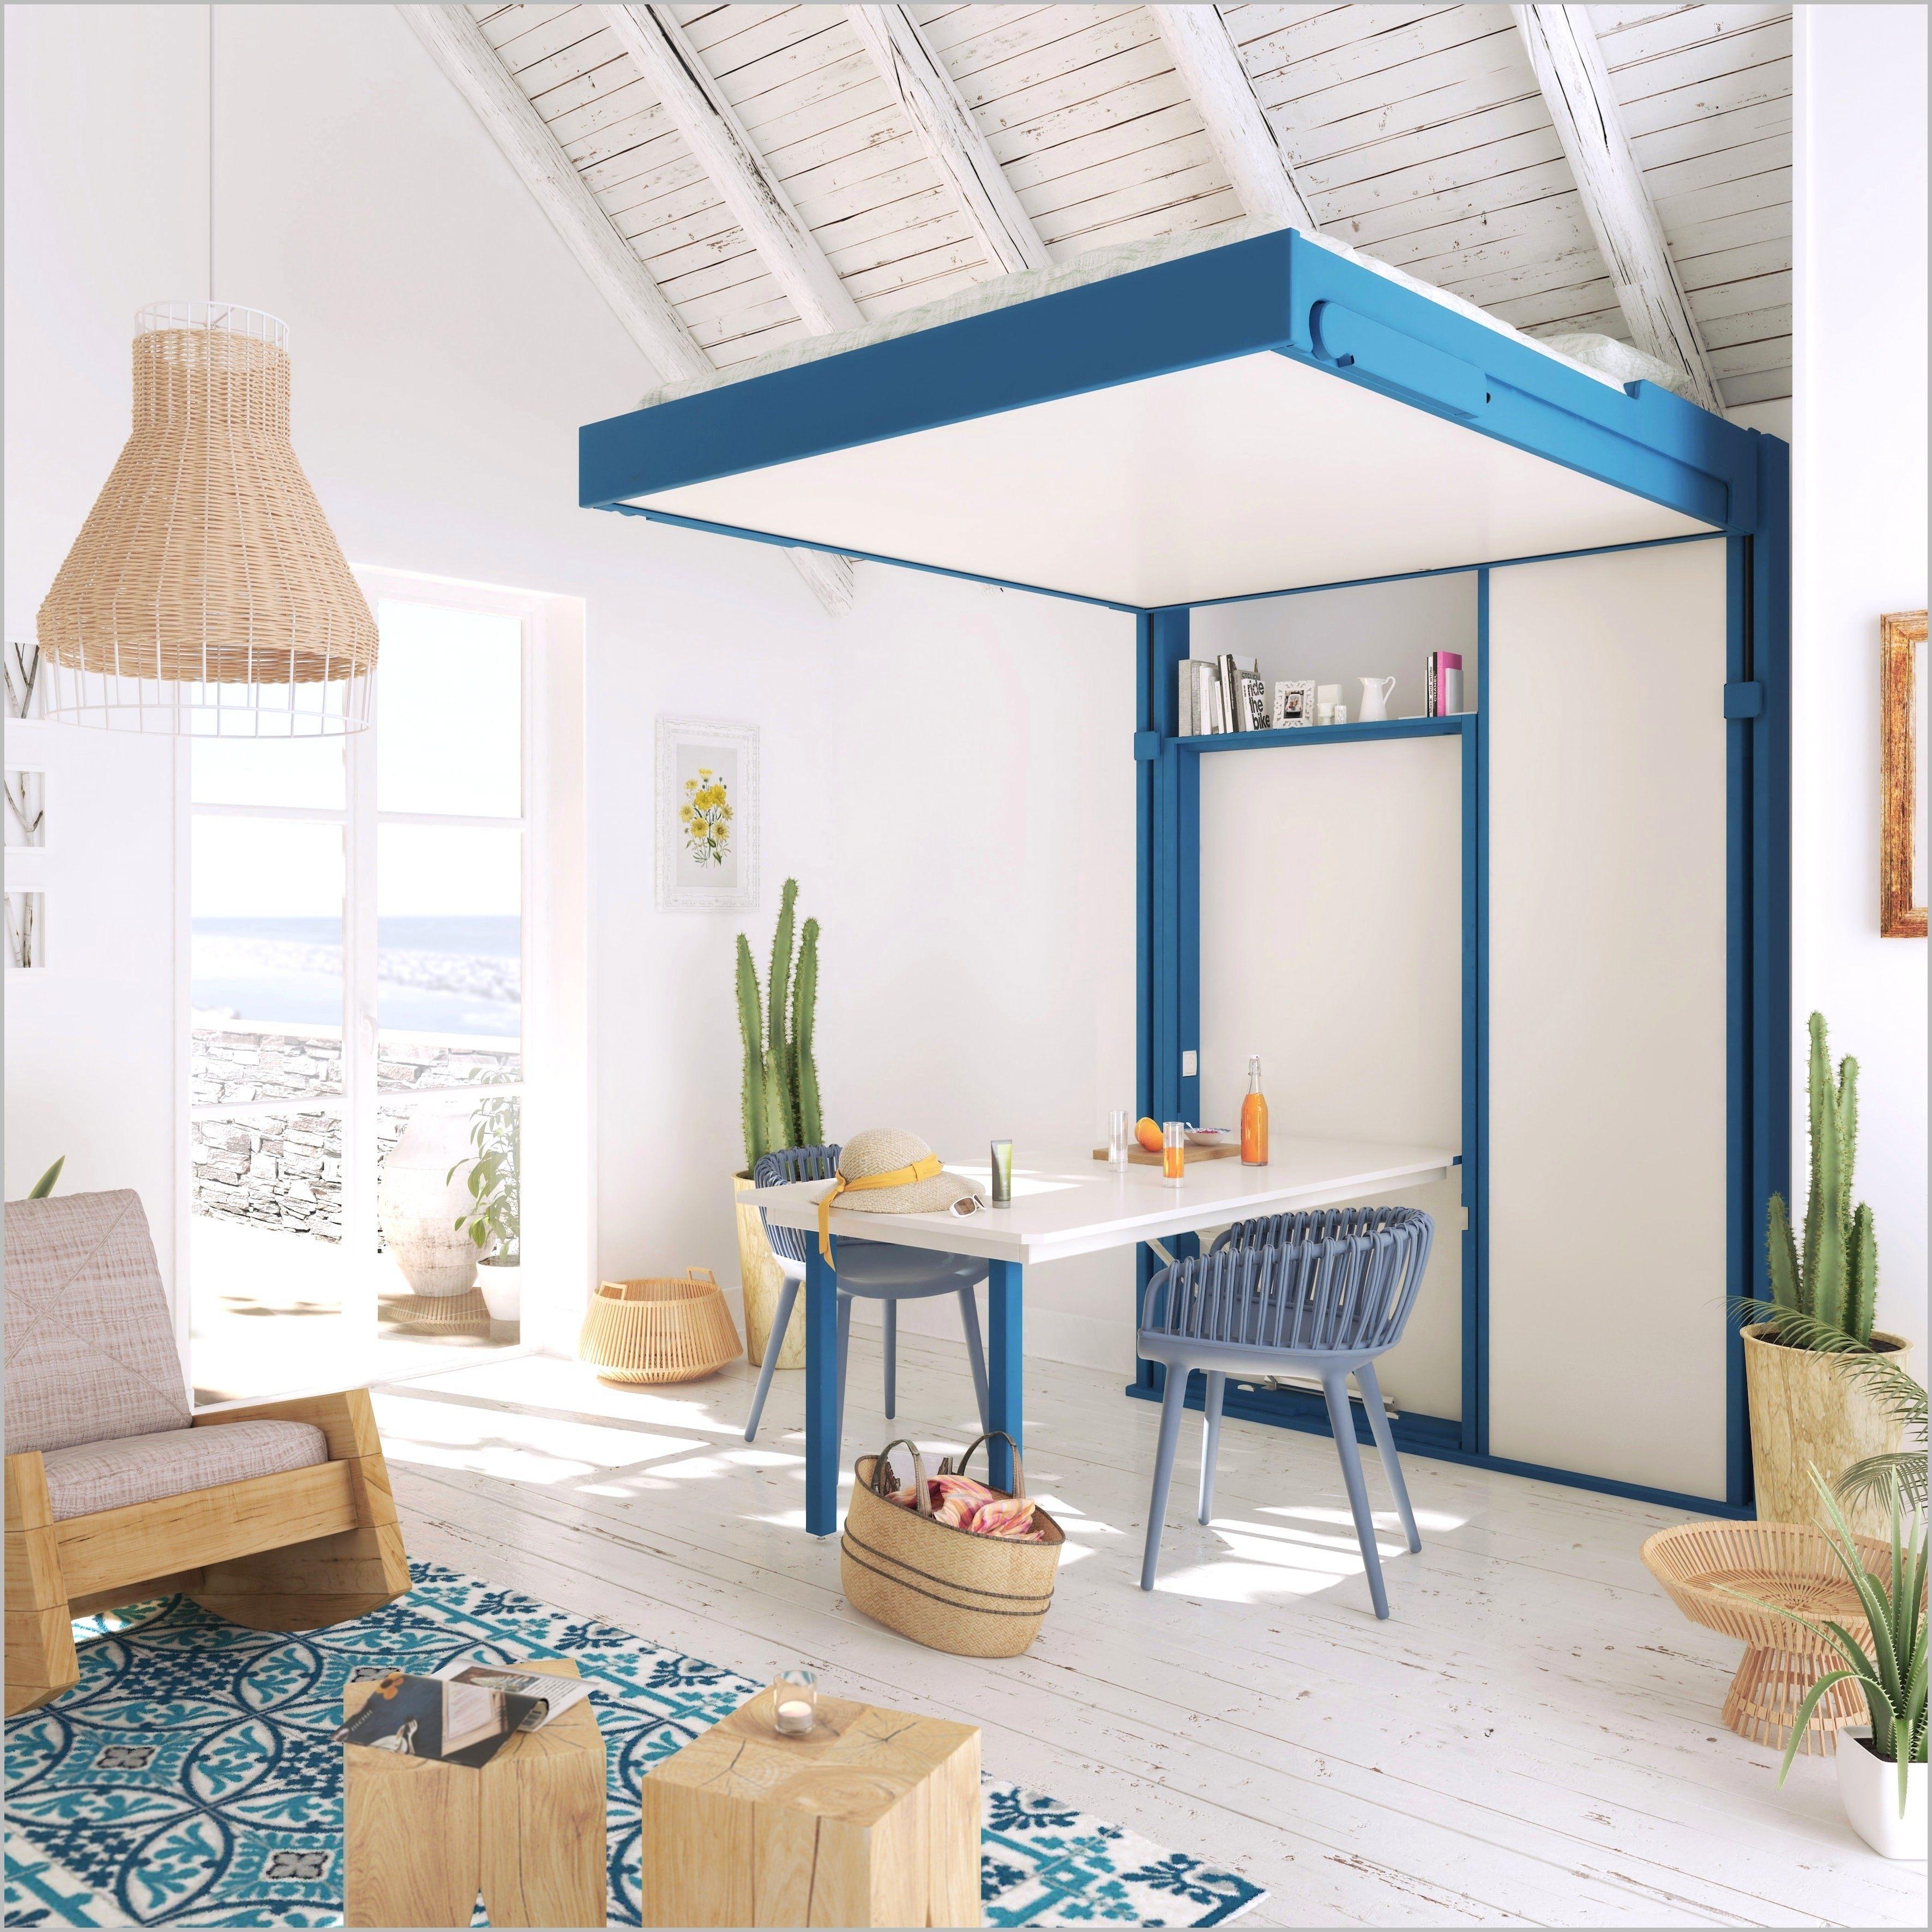 Lit Double Escamotable Ikea Nouveau Lit Armoire Escamotable Ikea Beautiful Lit Lit Escamotable Plafond